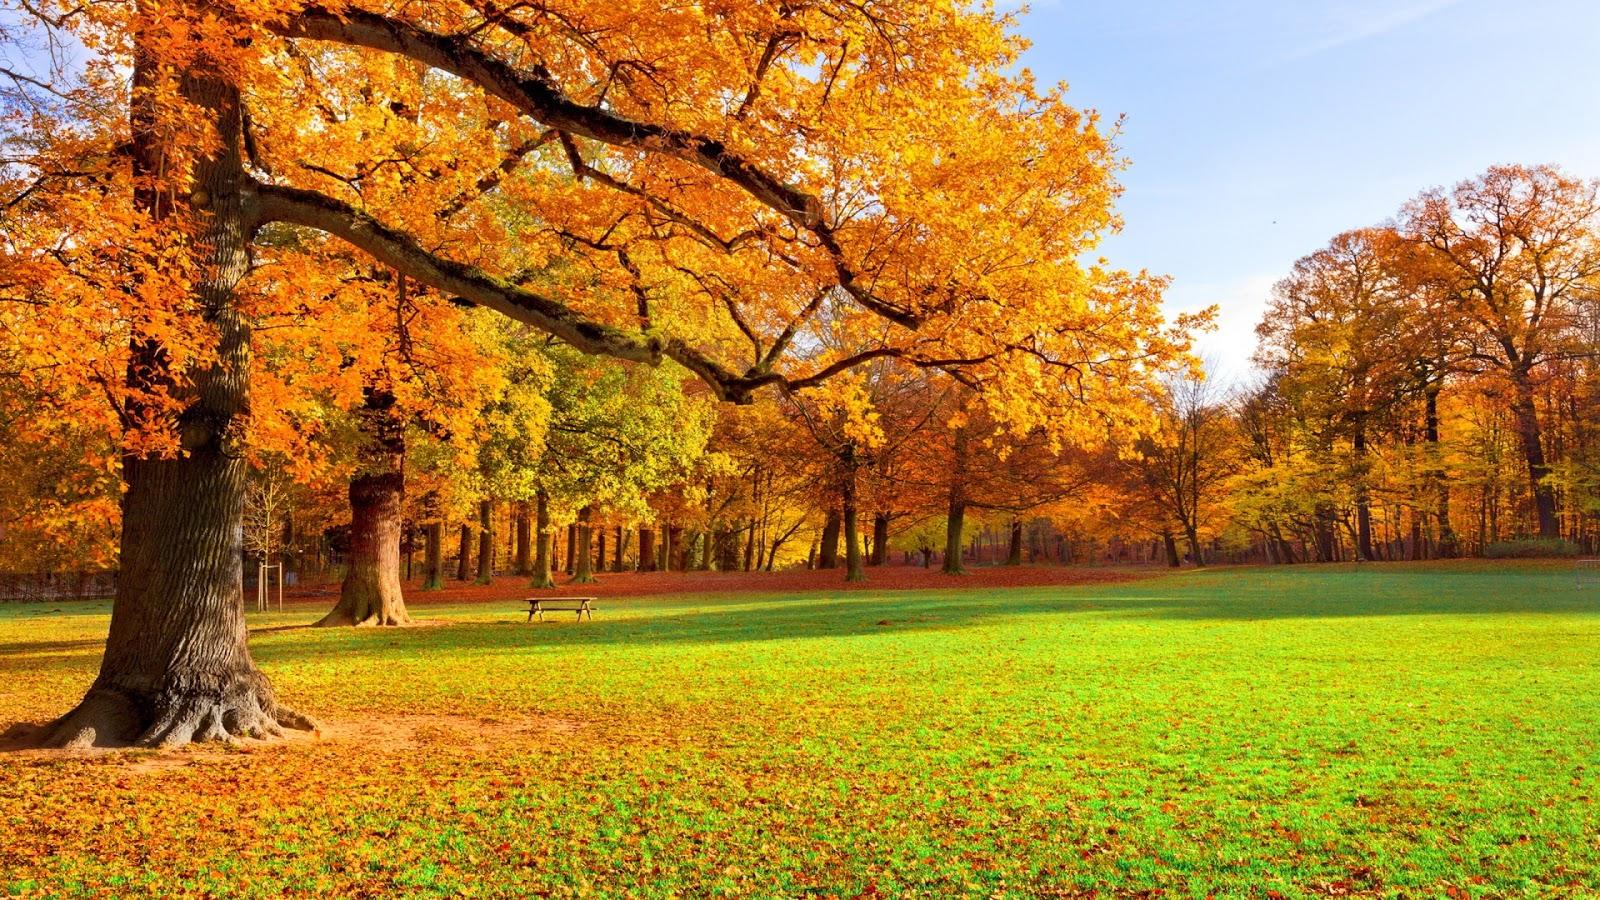 hình nền đẹp mùa thu lá vàng lãng mạng